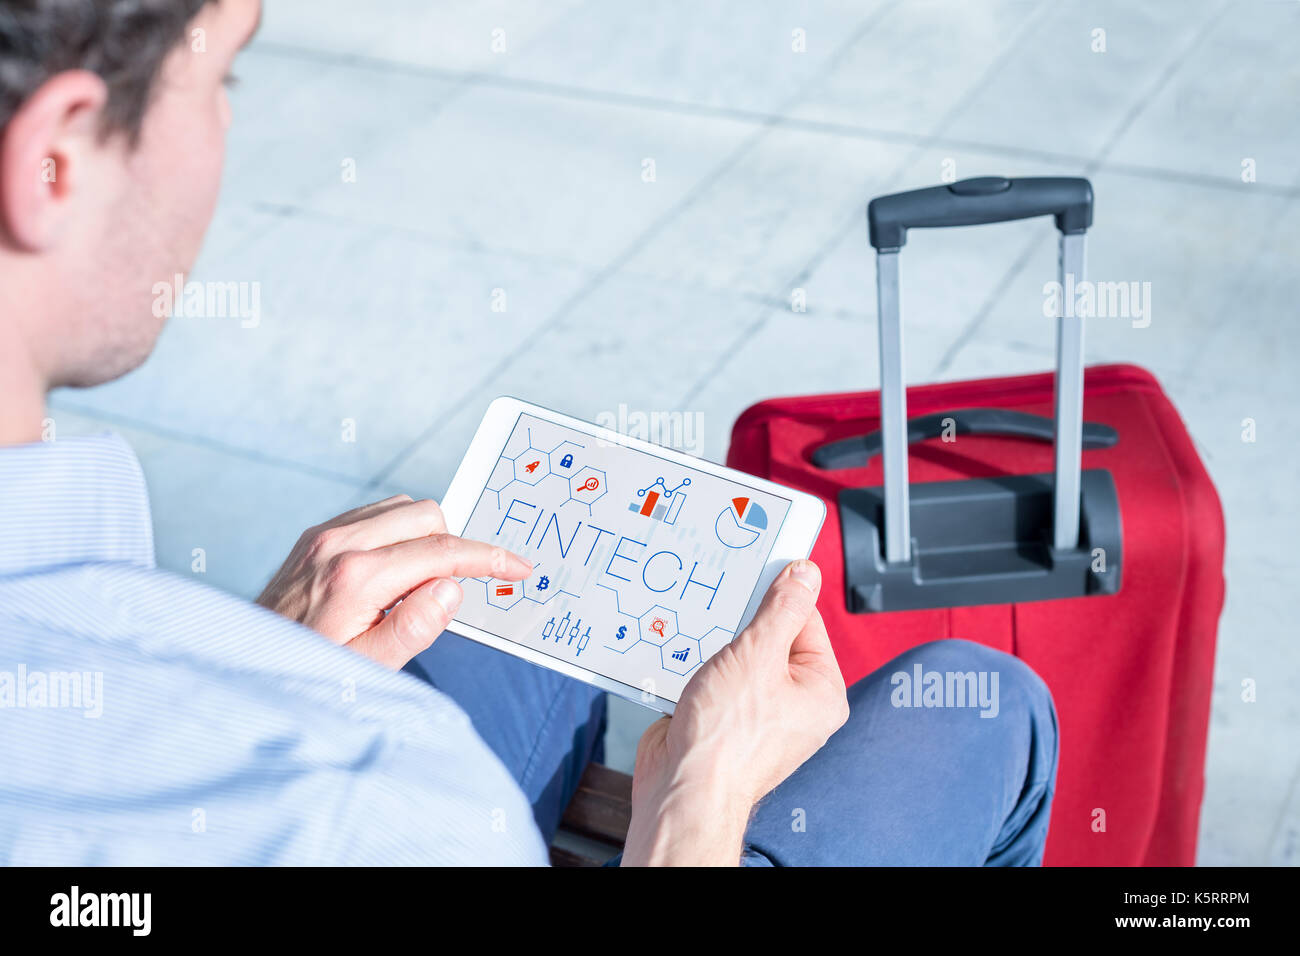 Empresario en el aeropuerto utilizando digital tablet pc con infográfico concepto de fintech (tecnología financiera) en la pantalla, los viajes de negocios Imagen De Stock